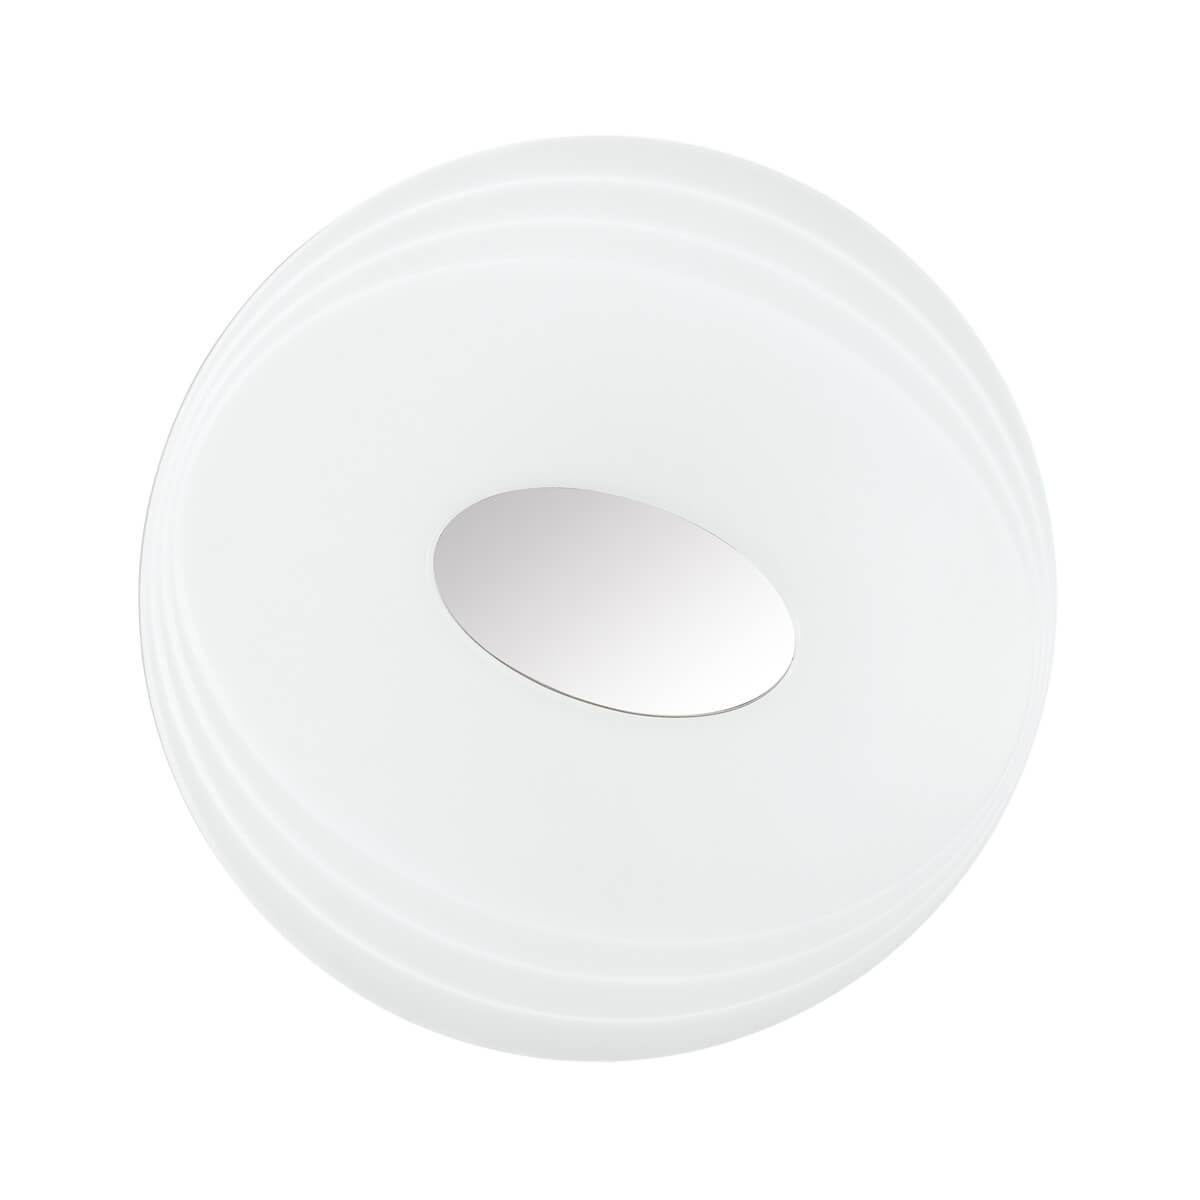 Светильник Sonex 3027/DL накладной светильник 146 sonex